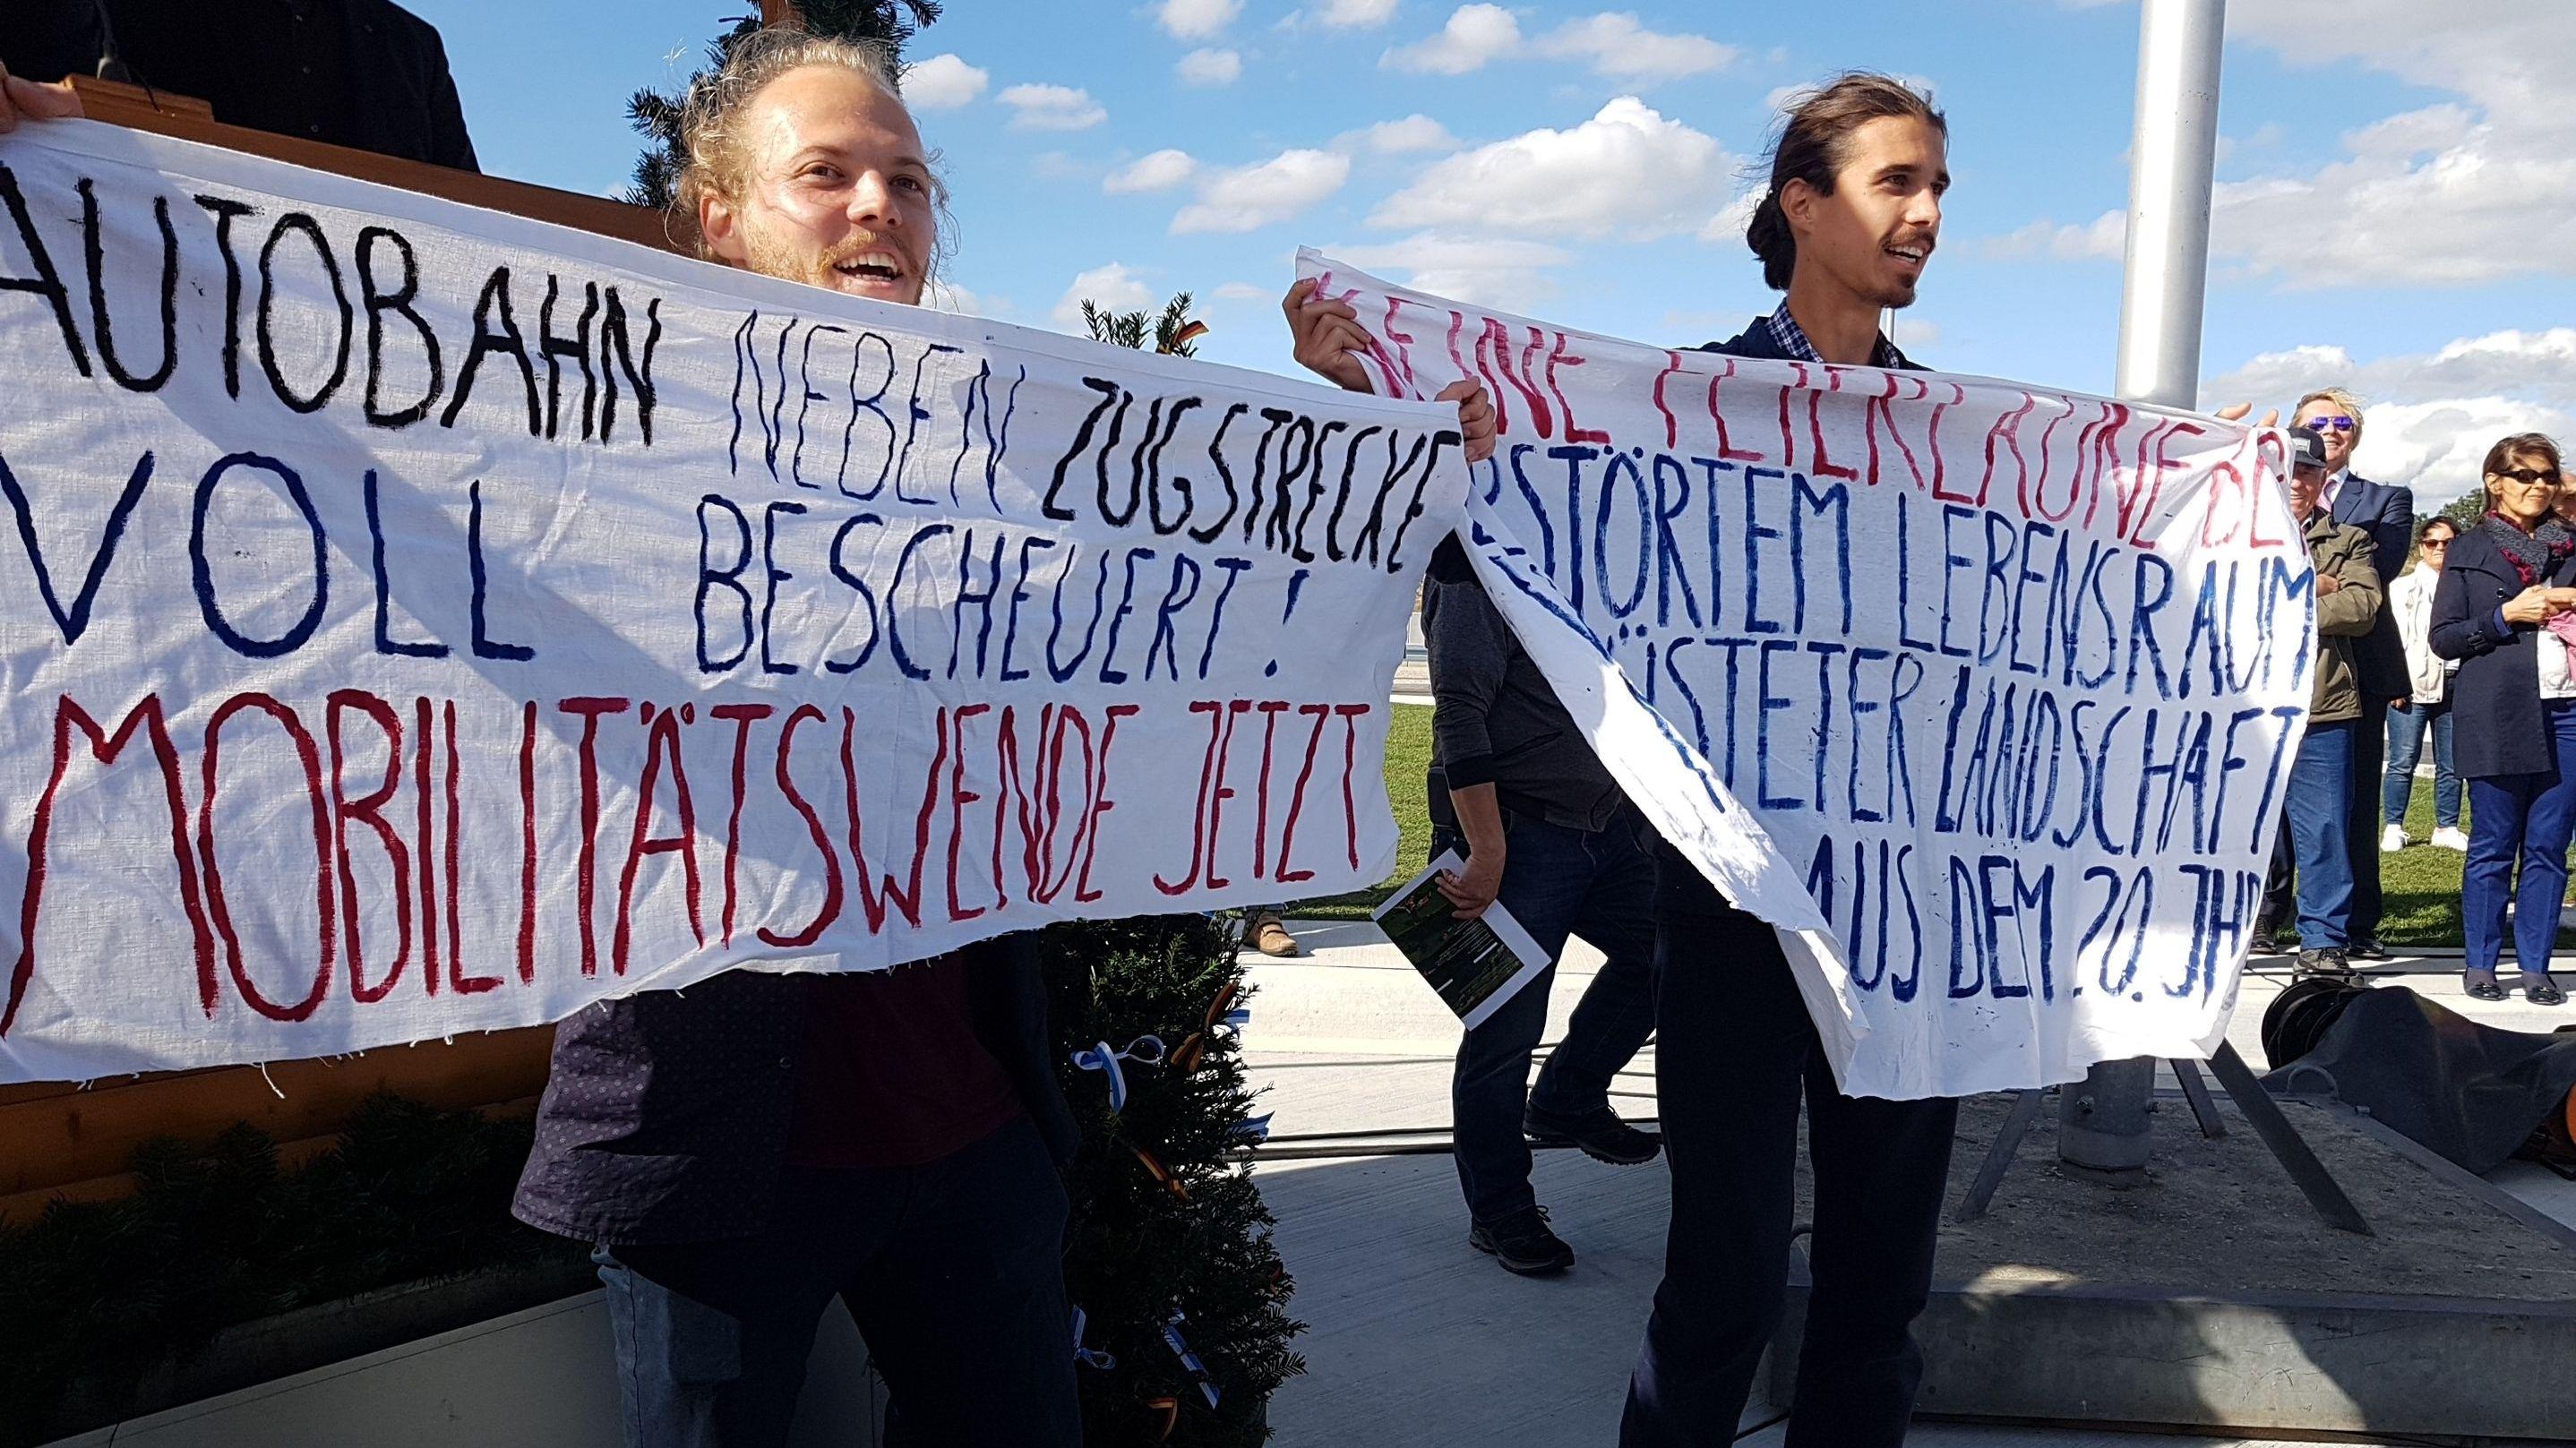 Naturschützer protestierten am Rande der Veranstaltung gegen die neue Autobahn